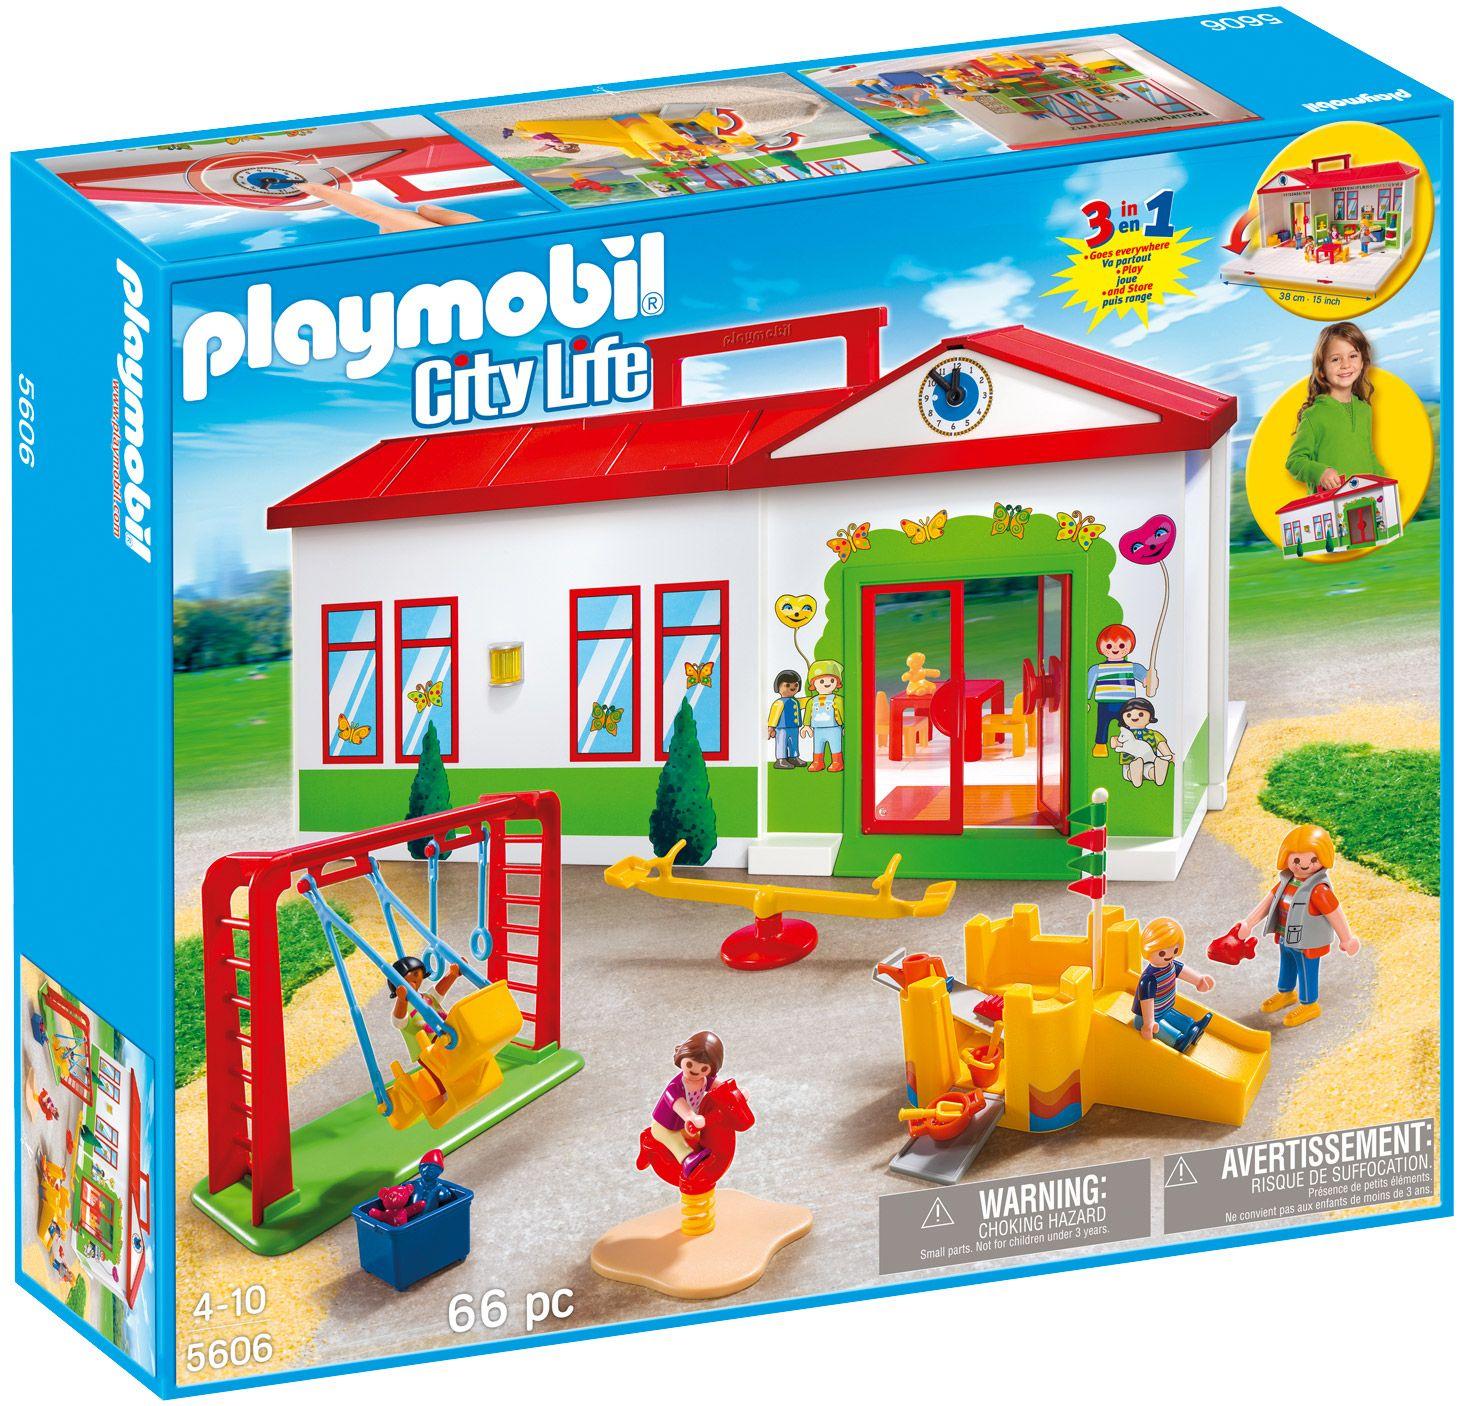 Playmobil City Life 5606 : La Garderie En 2020 | Playmobil ... encequiconcerne Jardin D Enfant Playmobil